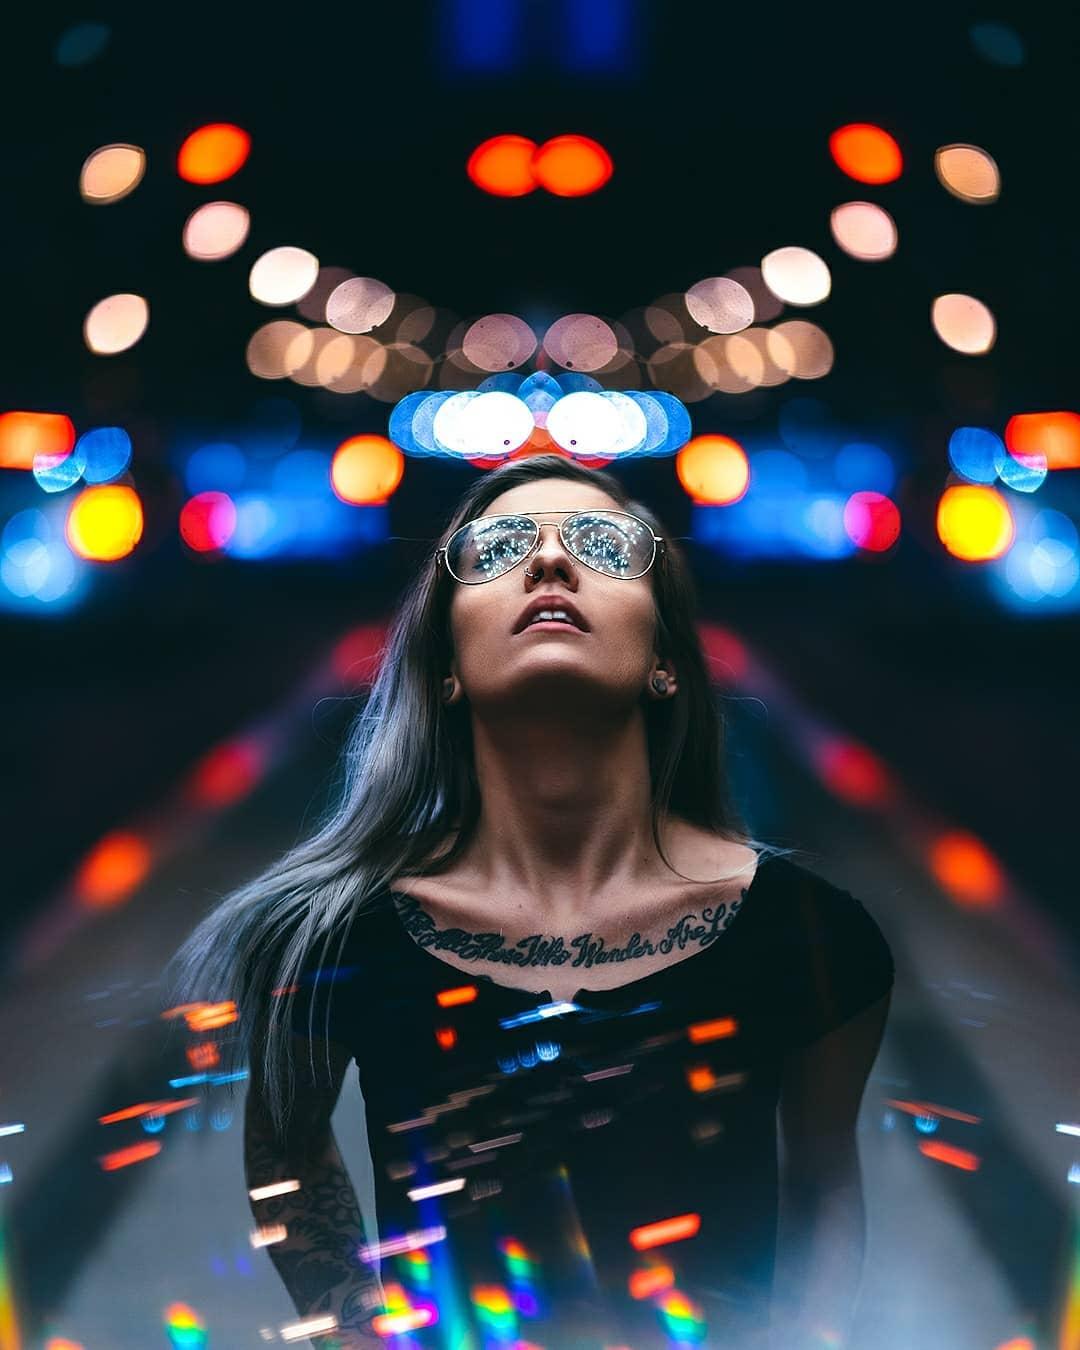 Уличные портреты  фотографаShani Varner Shani Varner